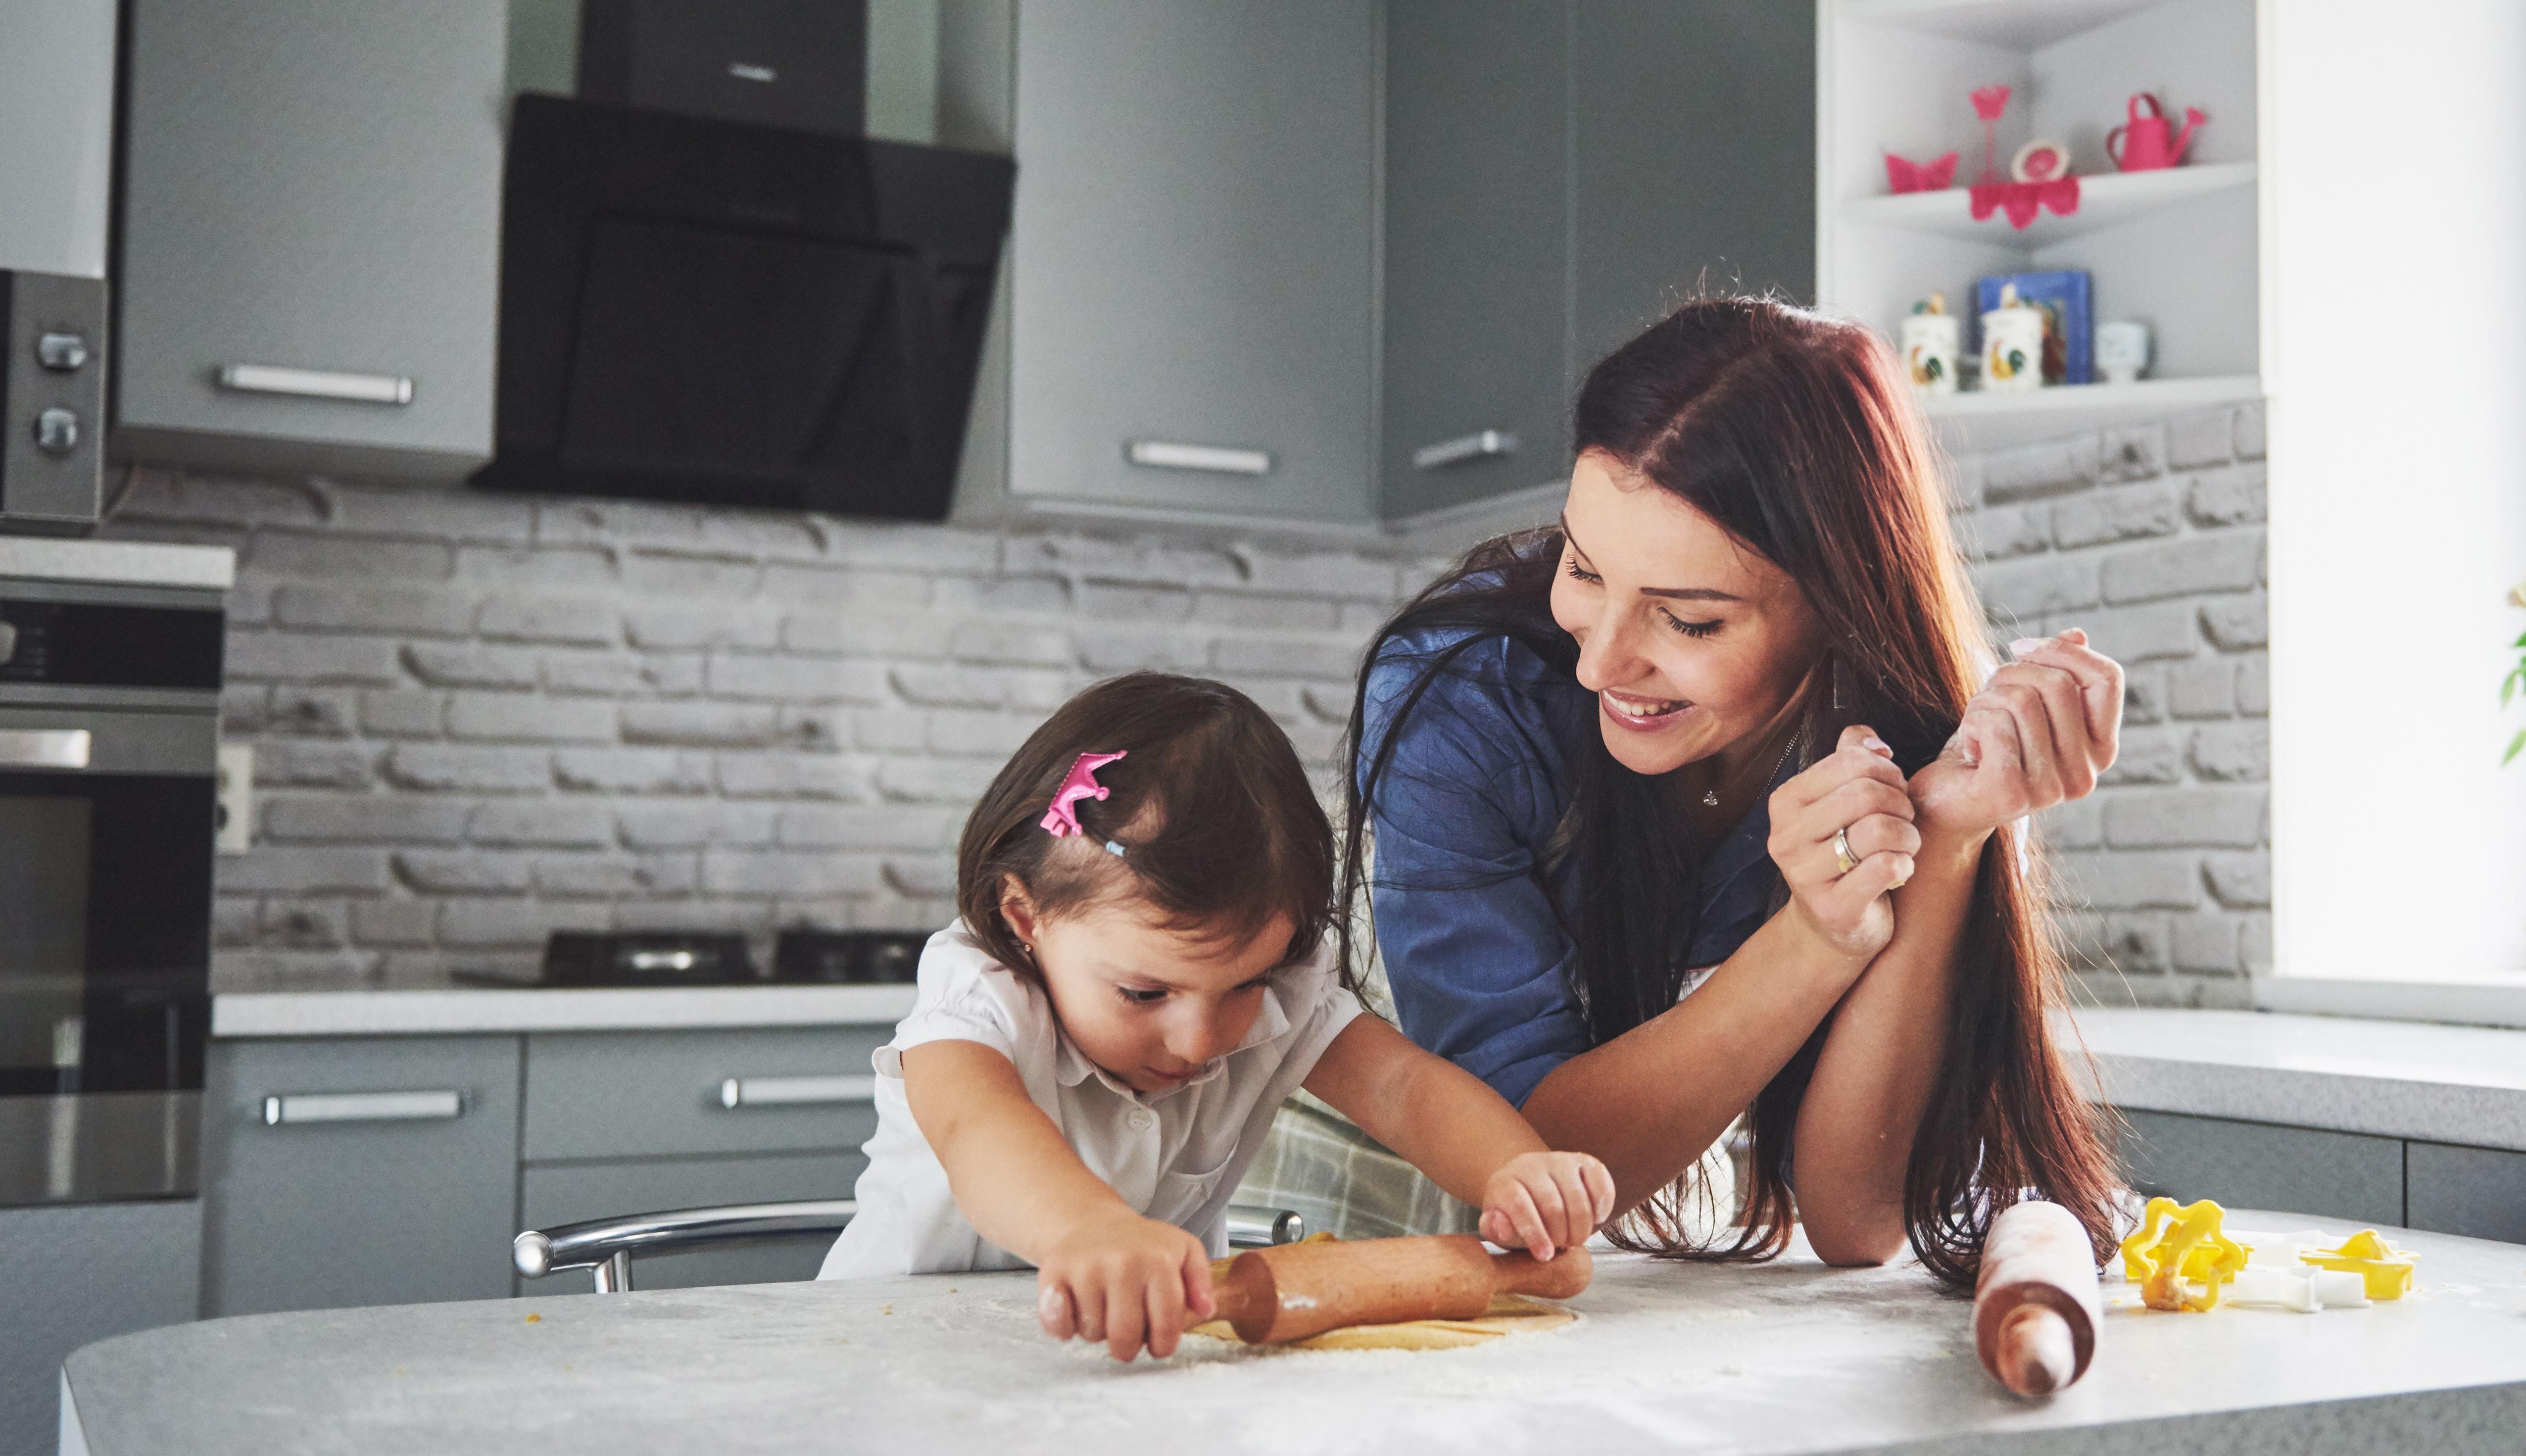 Design your kitchen to make it kid-friendly